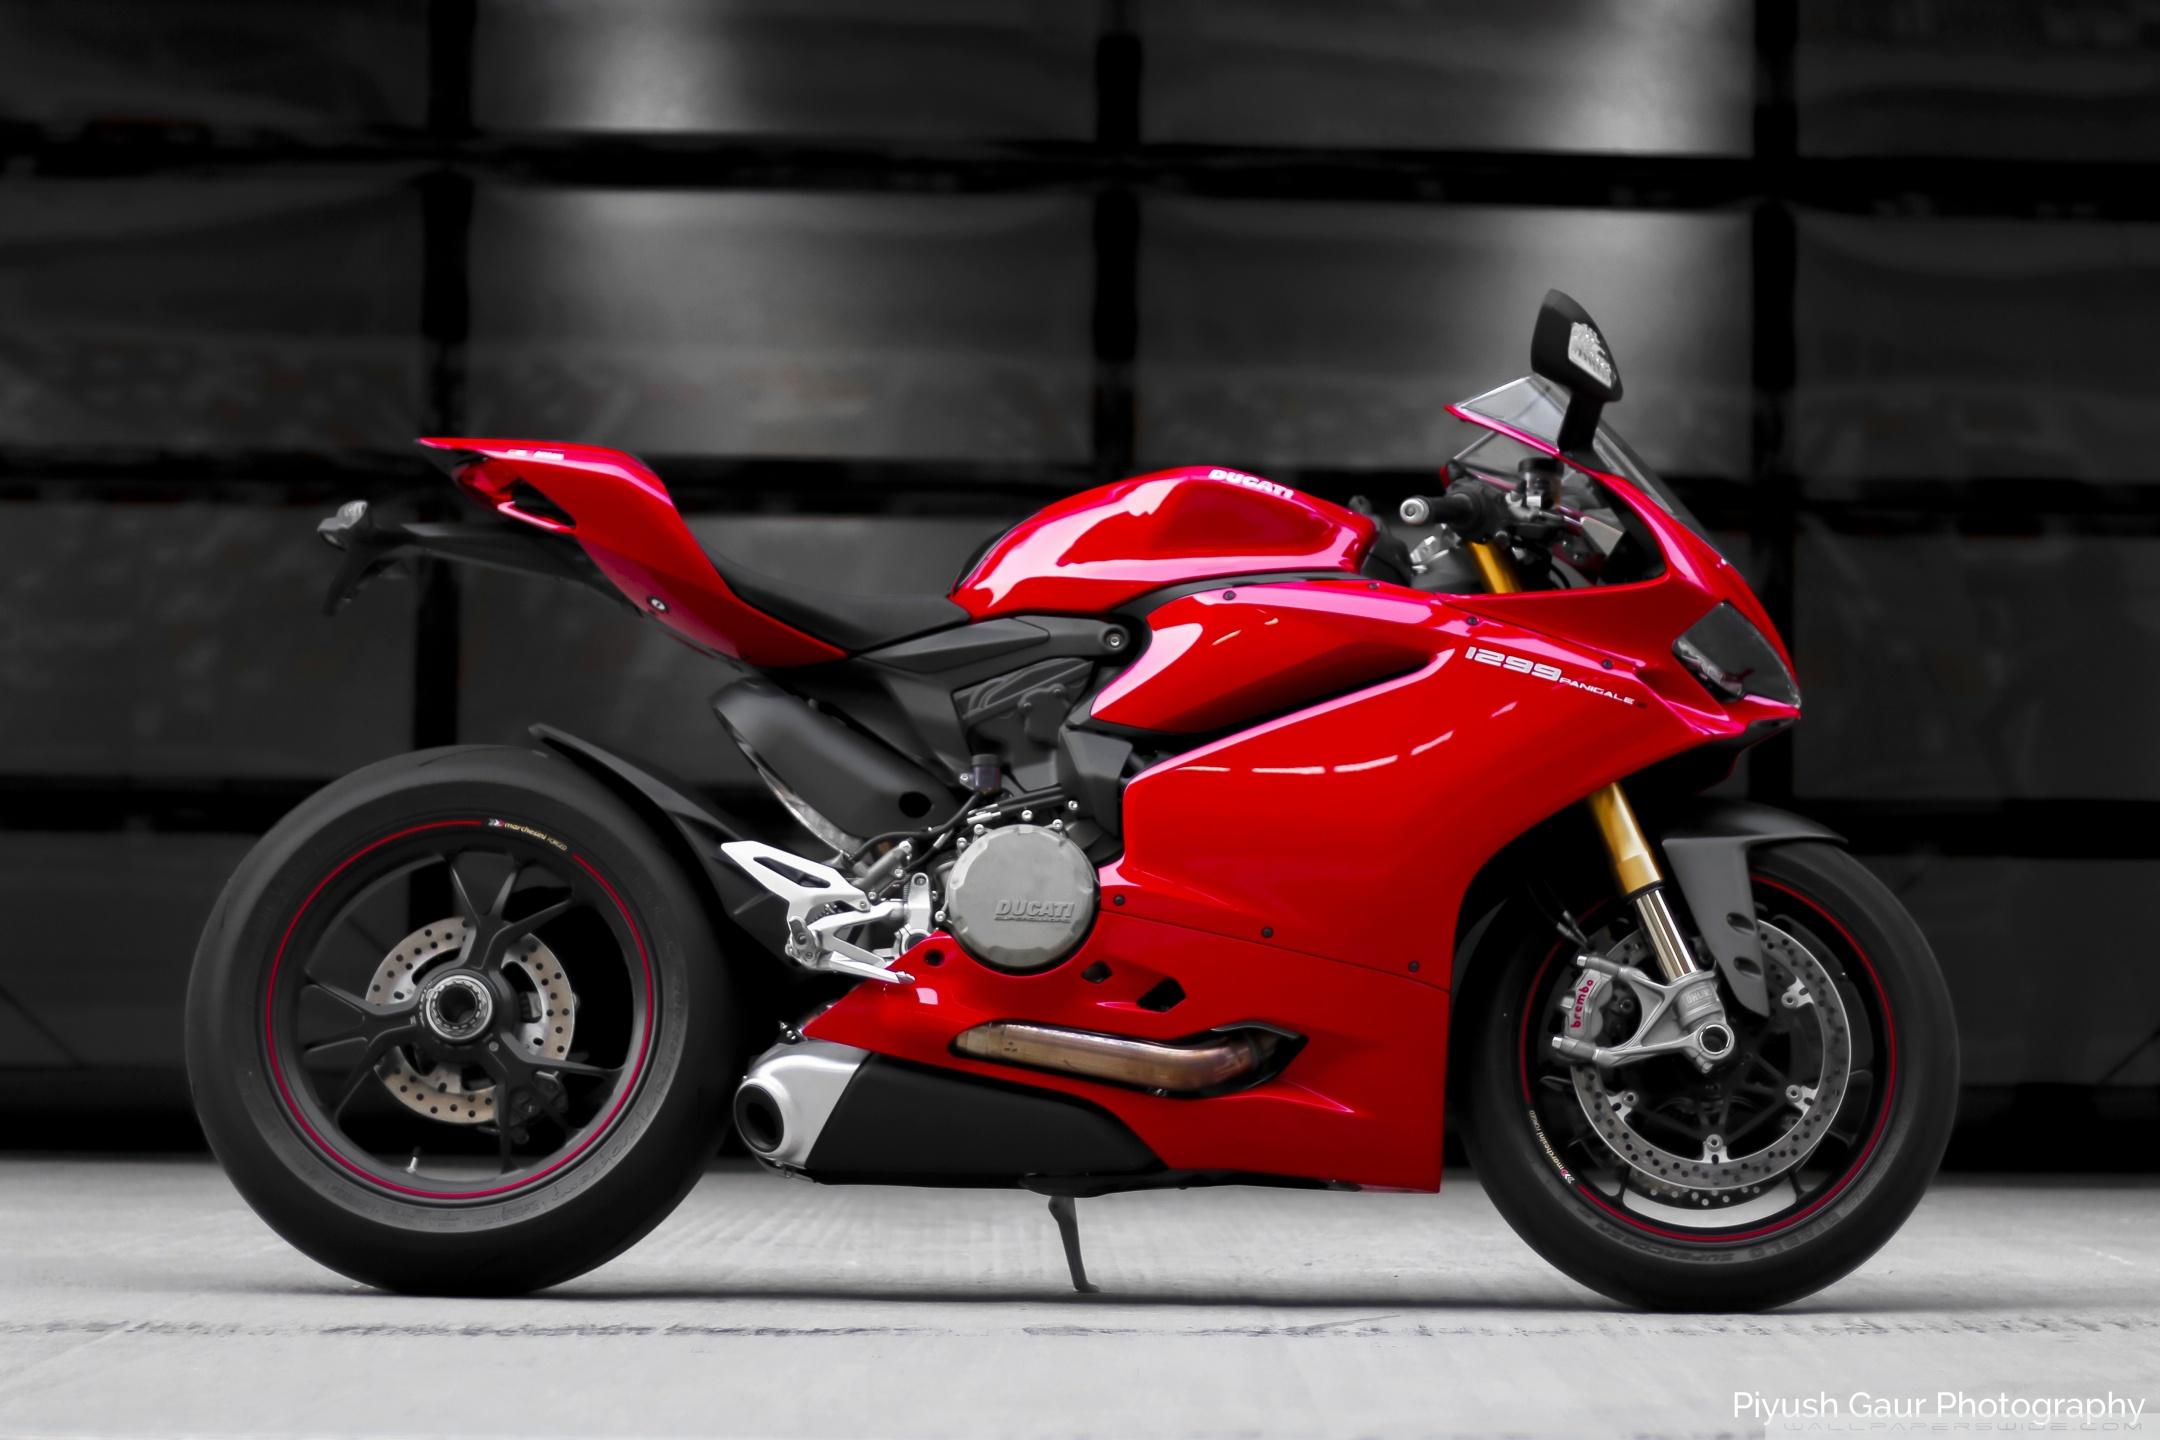 Ducati Panigale 1299S 4K HD Desktop Wallpaper for 4K Ultra HD 2160x1440